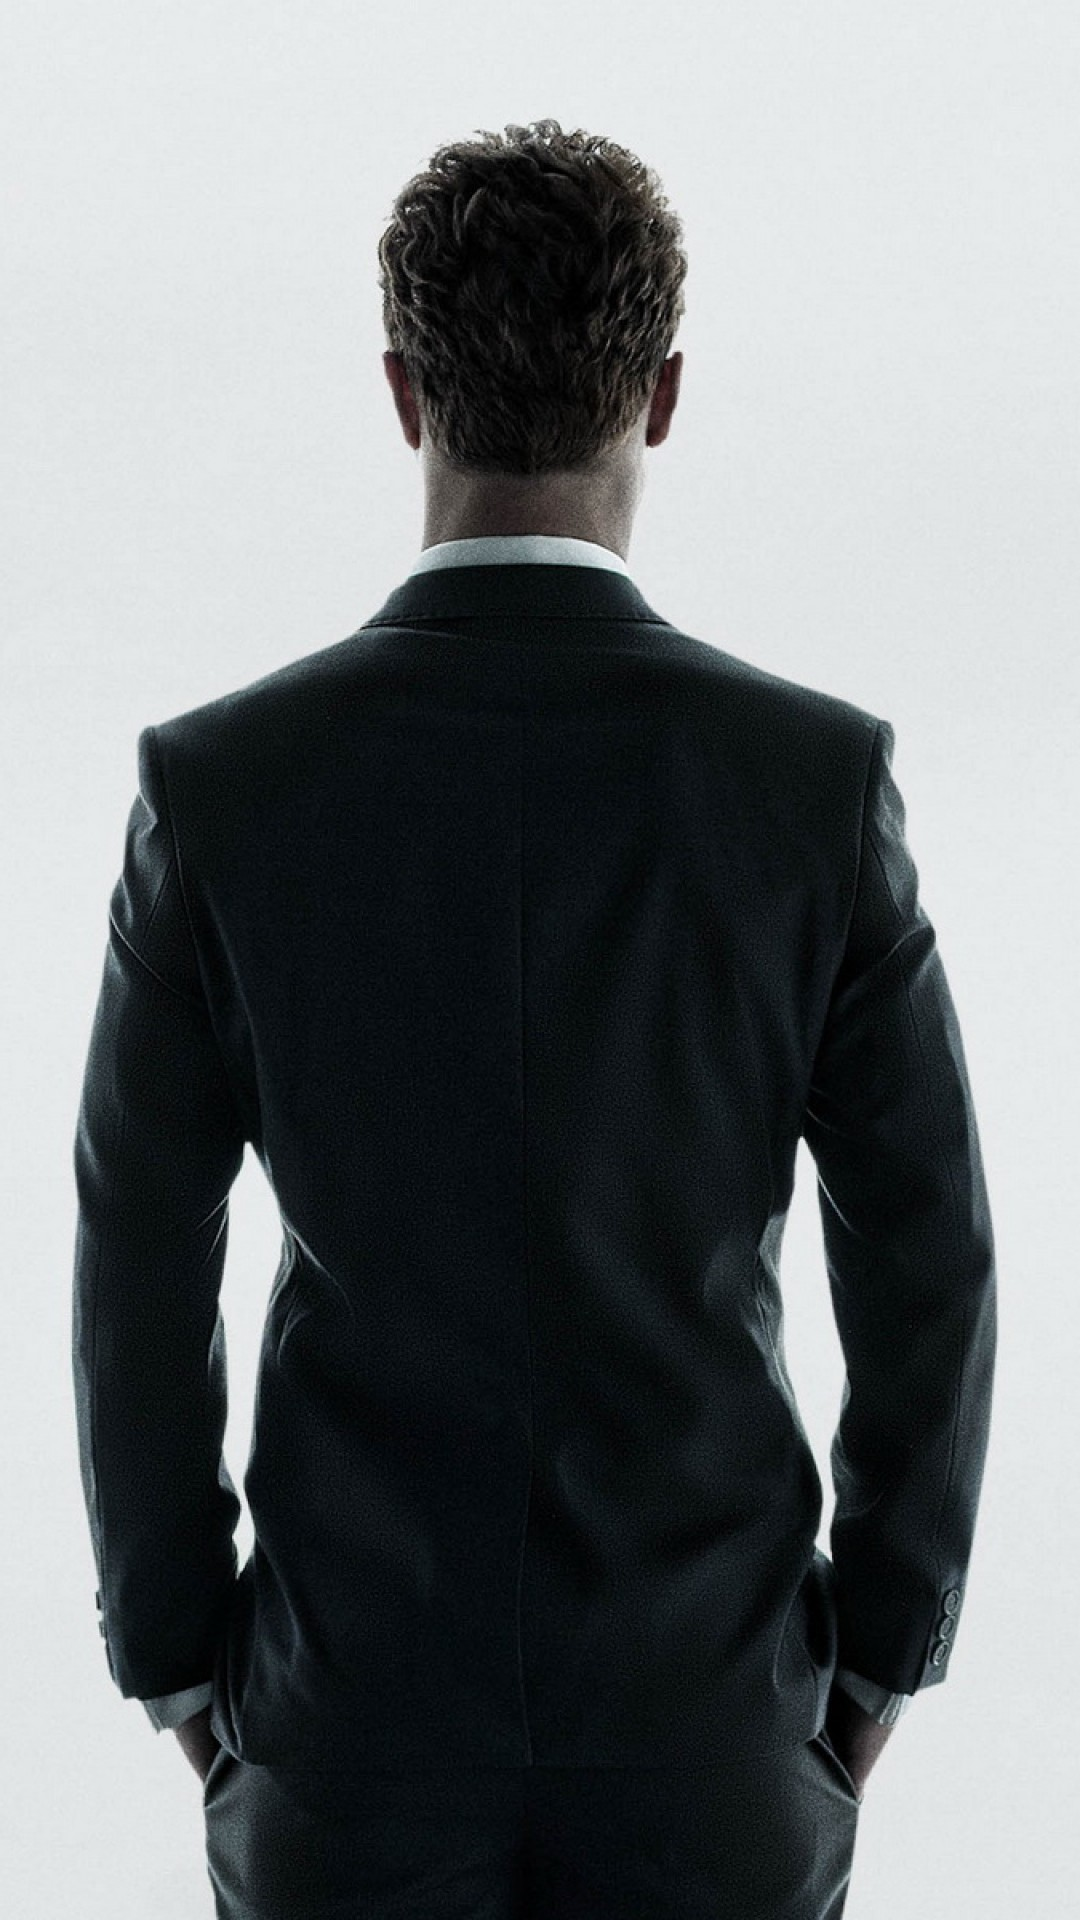 Suit Wallpaper Hd 65 Images